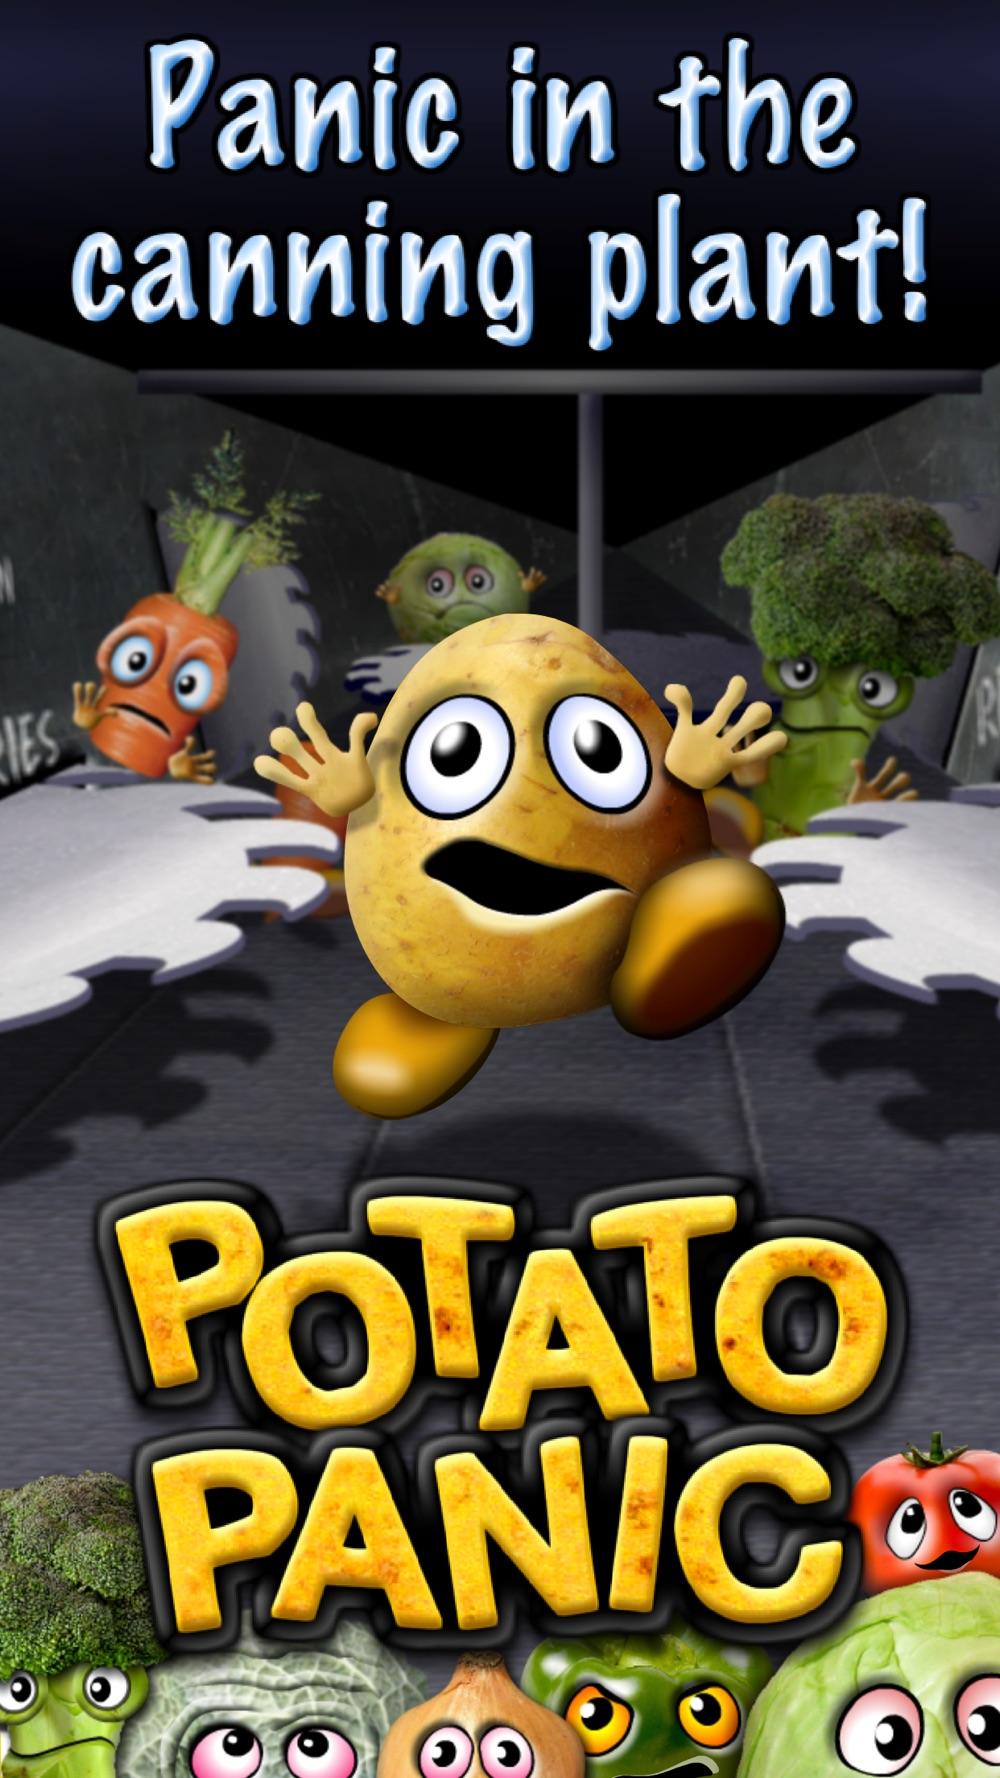 POTATO PANIC – action runner fun game